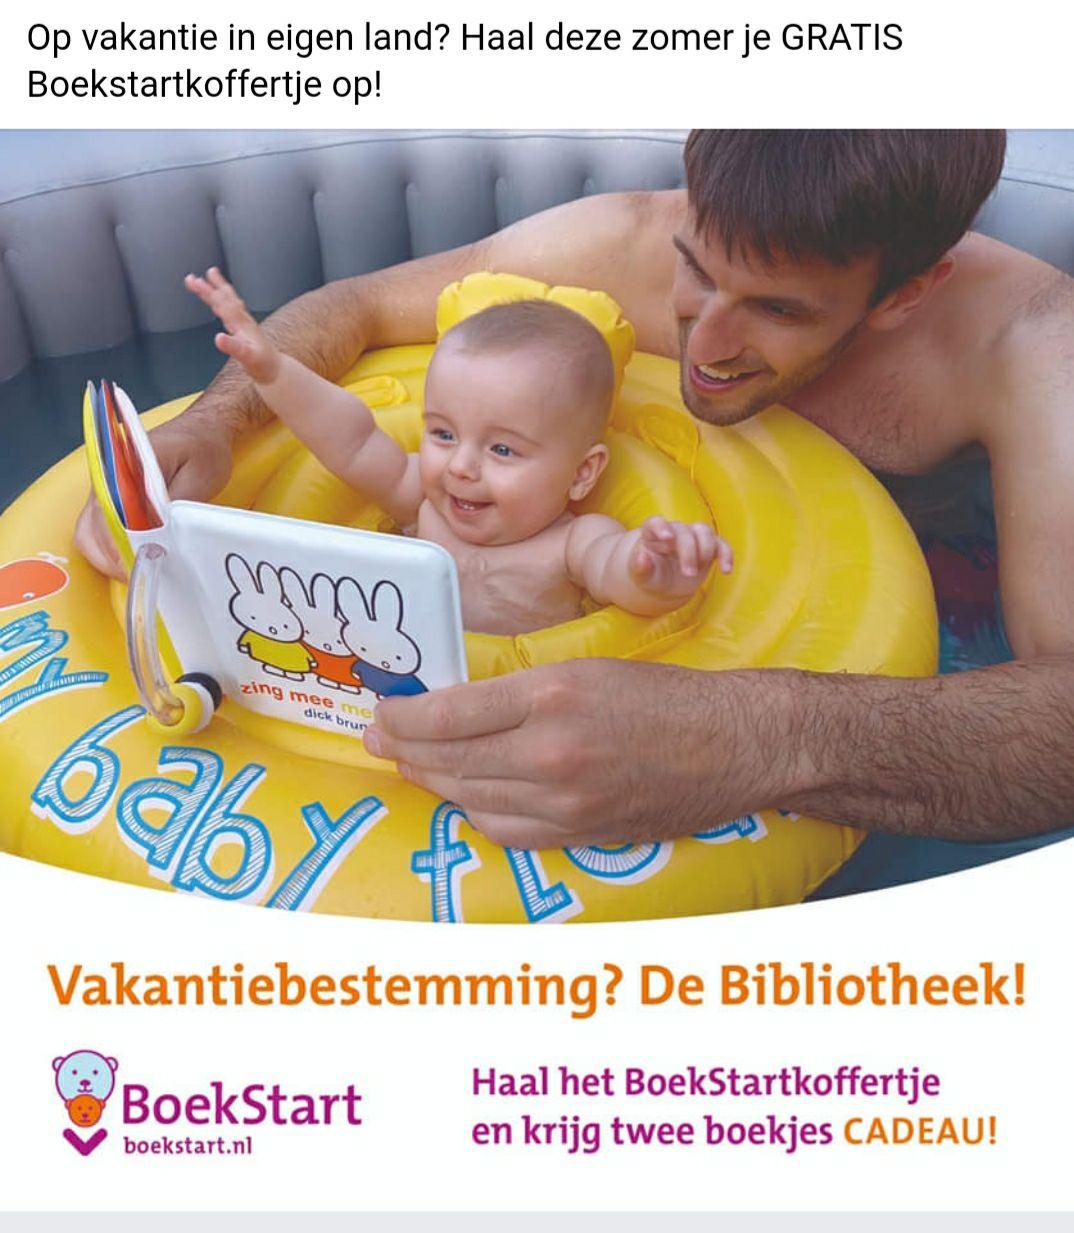 Gratis boekstartkoffertje ophalen met 2 gratis boekjes